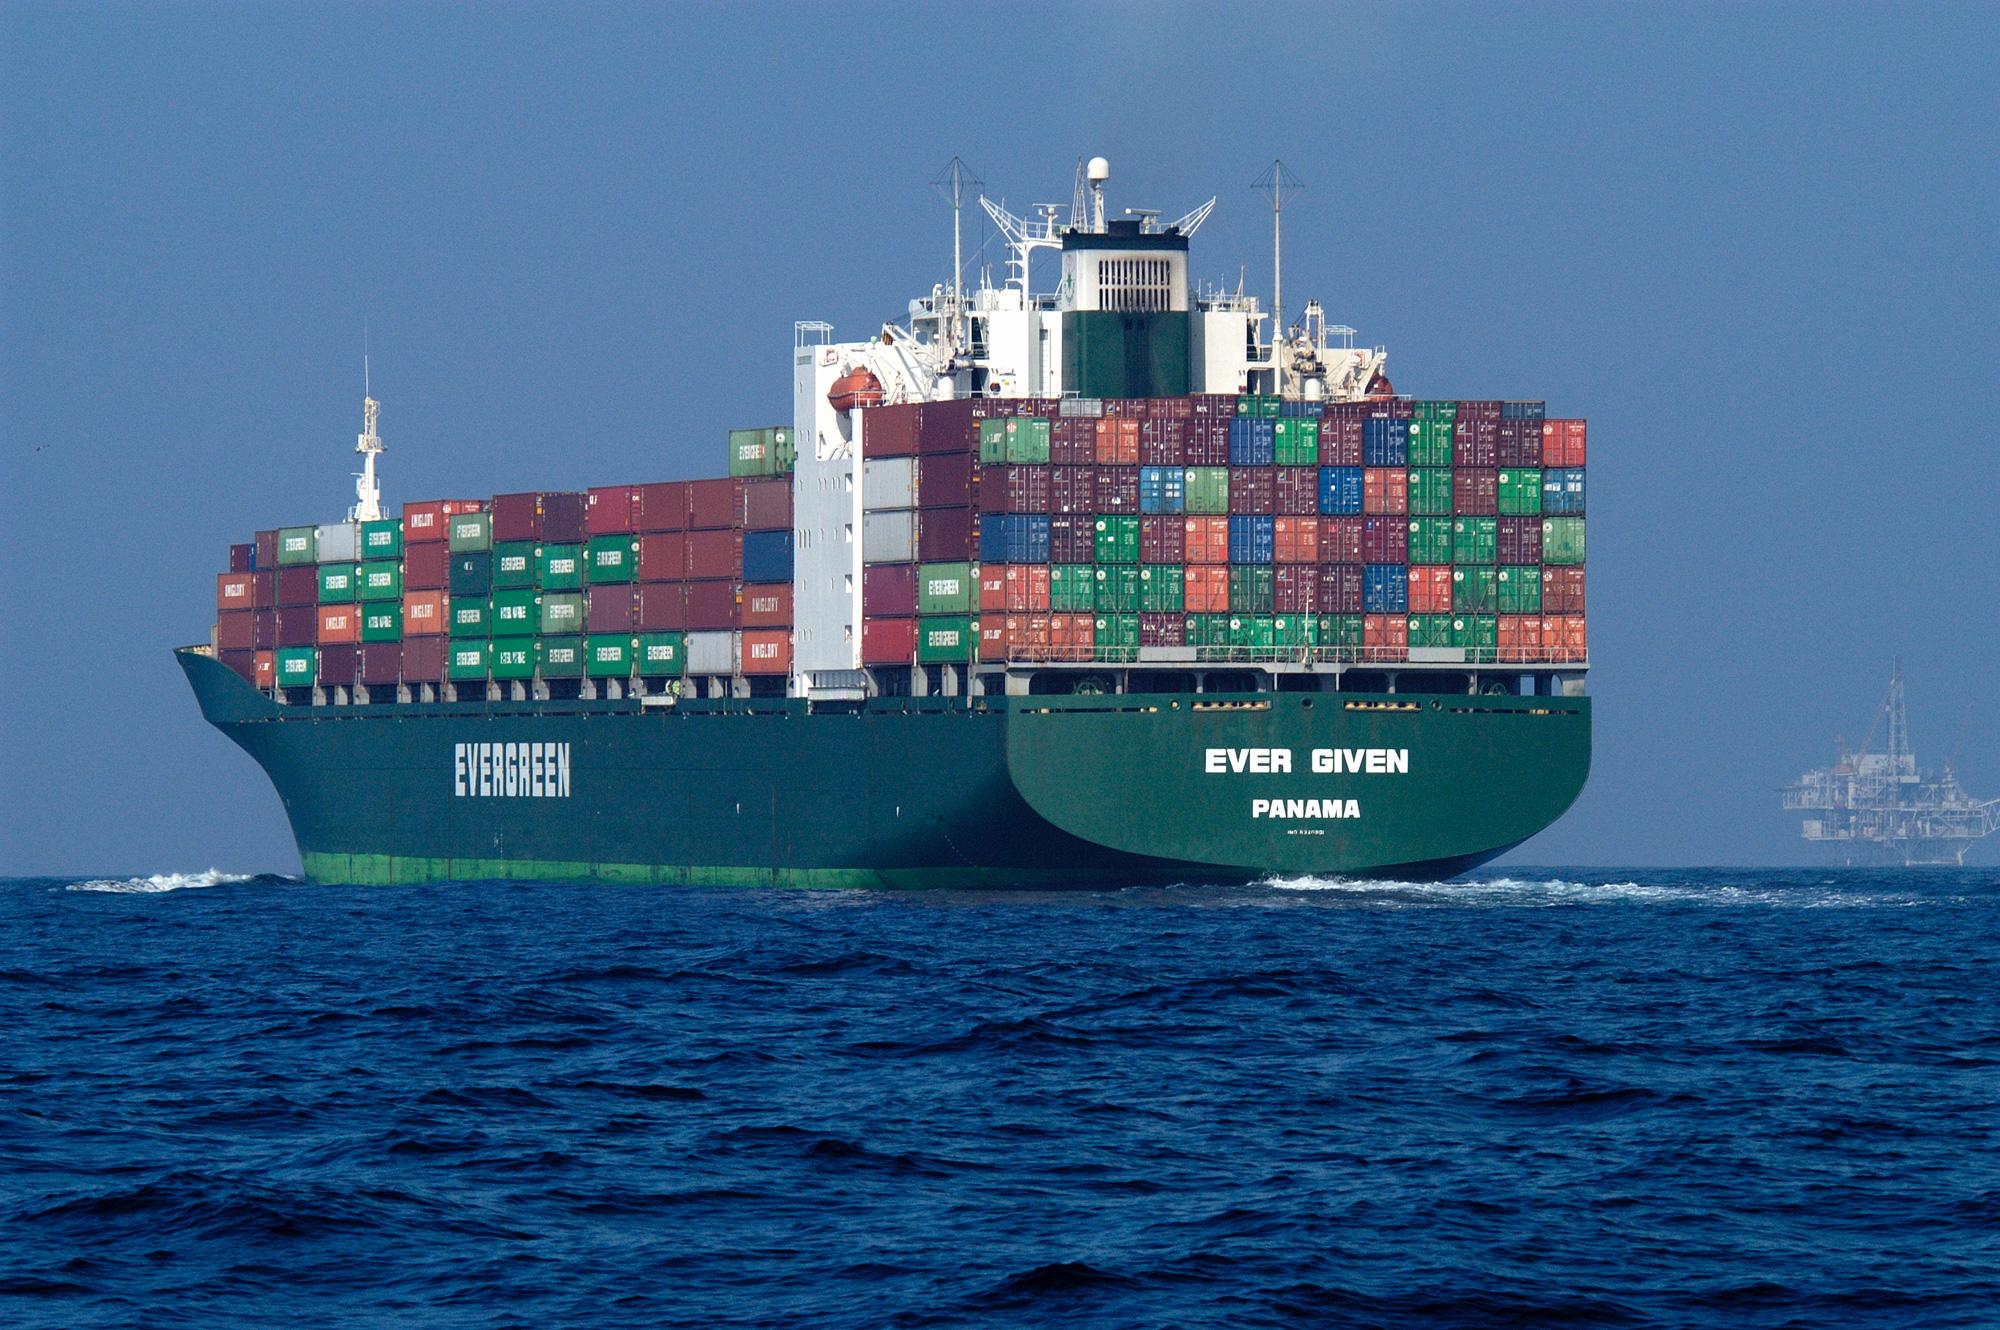 39 units of Ship Image.